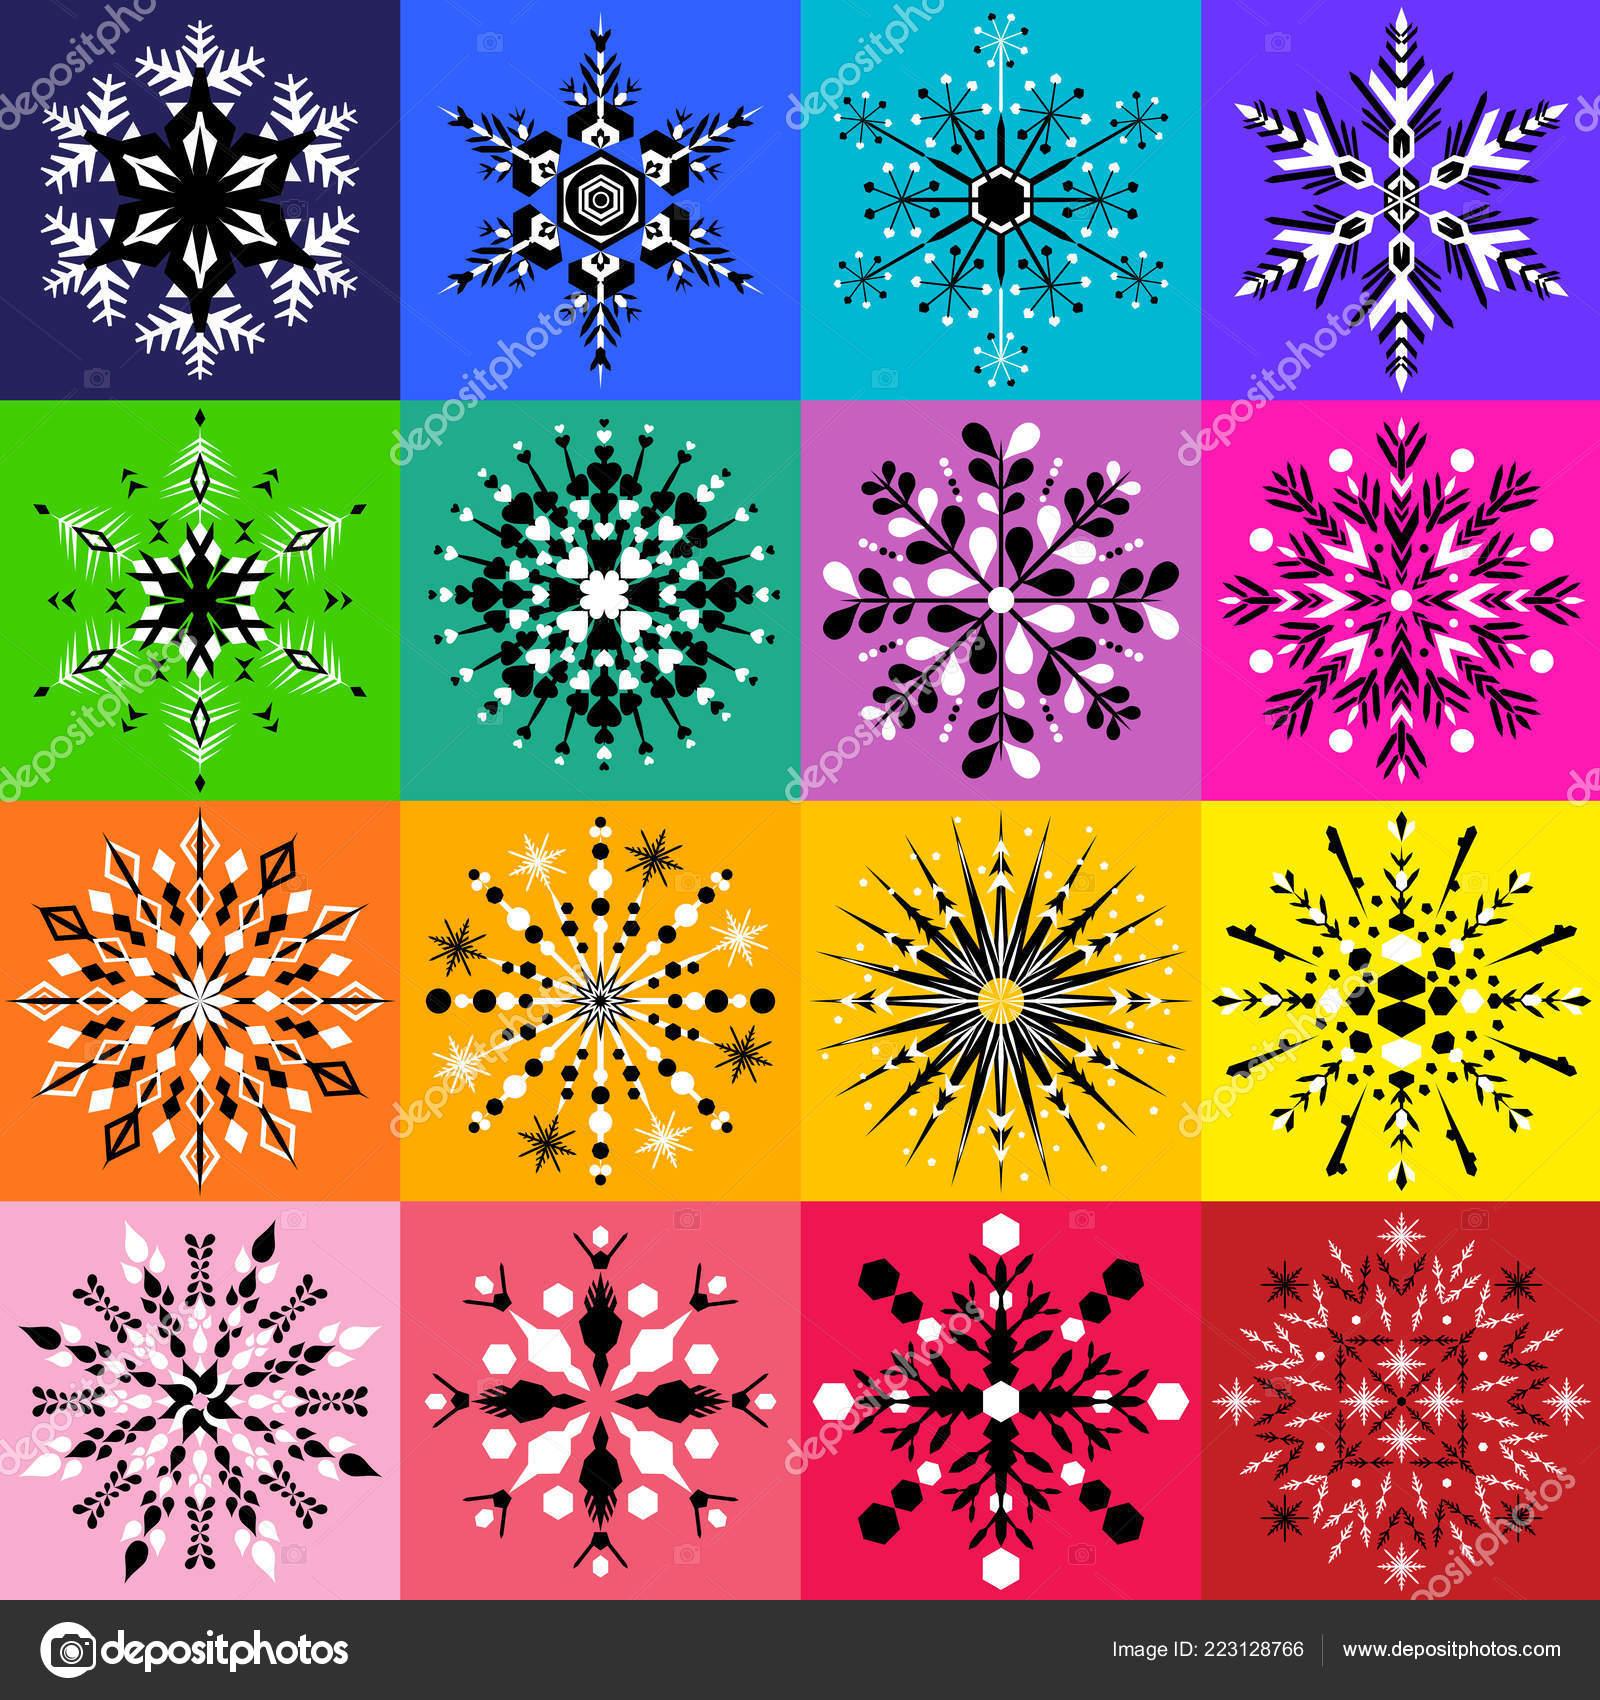 Disegni Neri Su Colorato Insieme Sedici Disegni Fiocco Neve